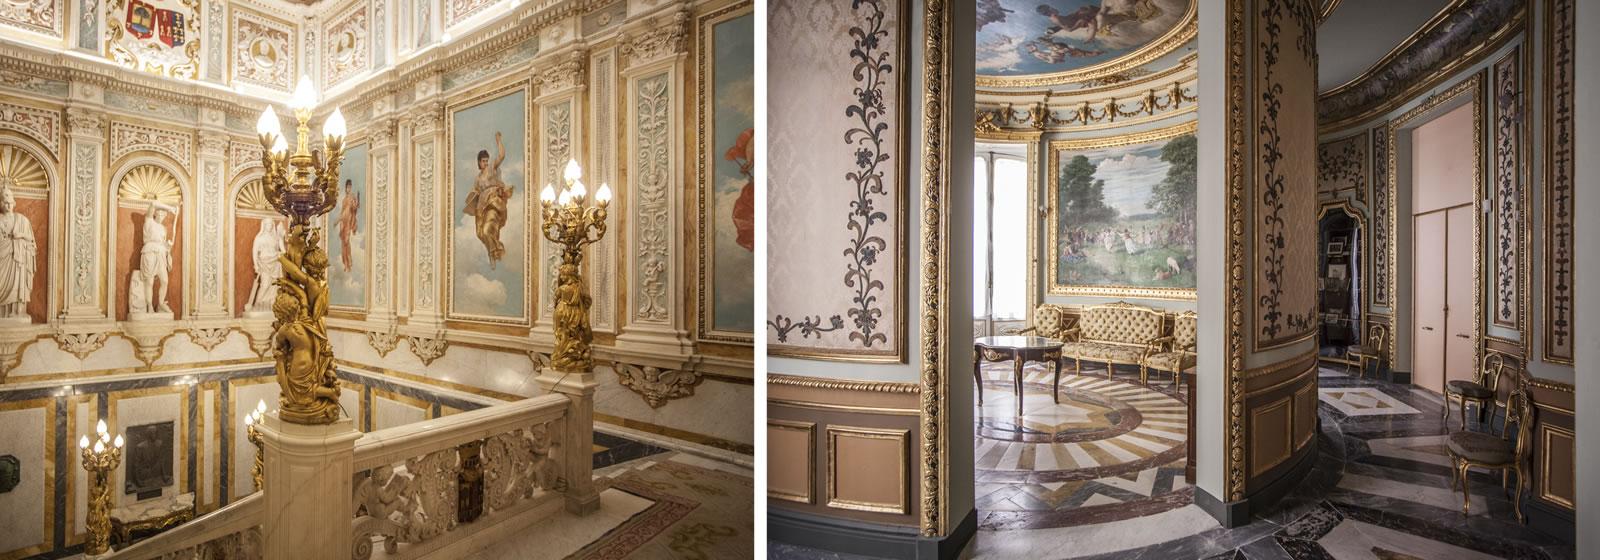 Vistas del interior del Palacio de Santoña,